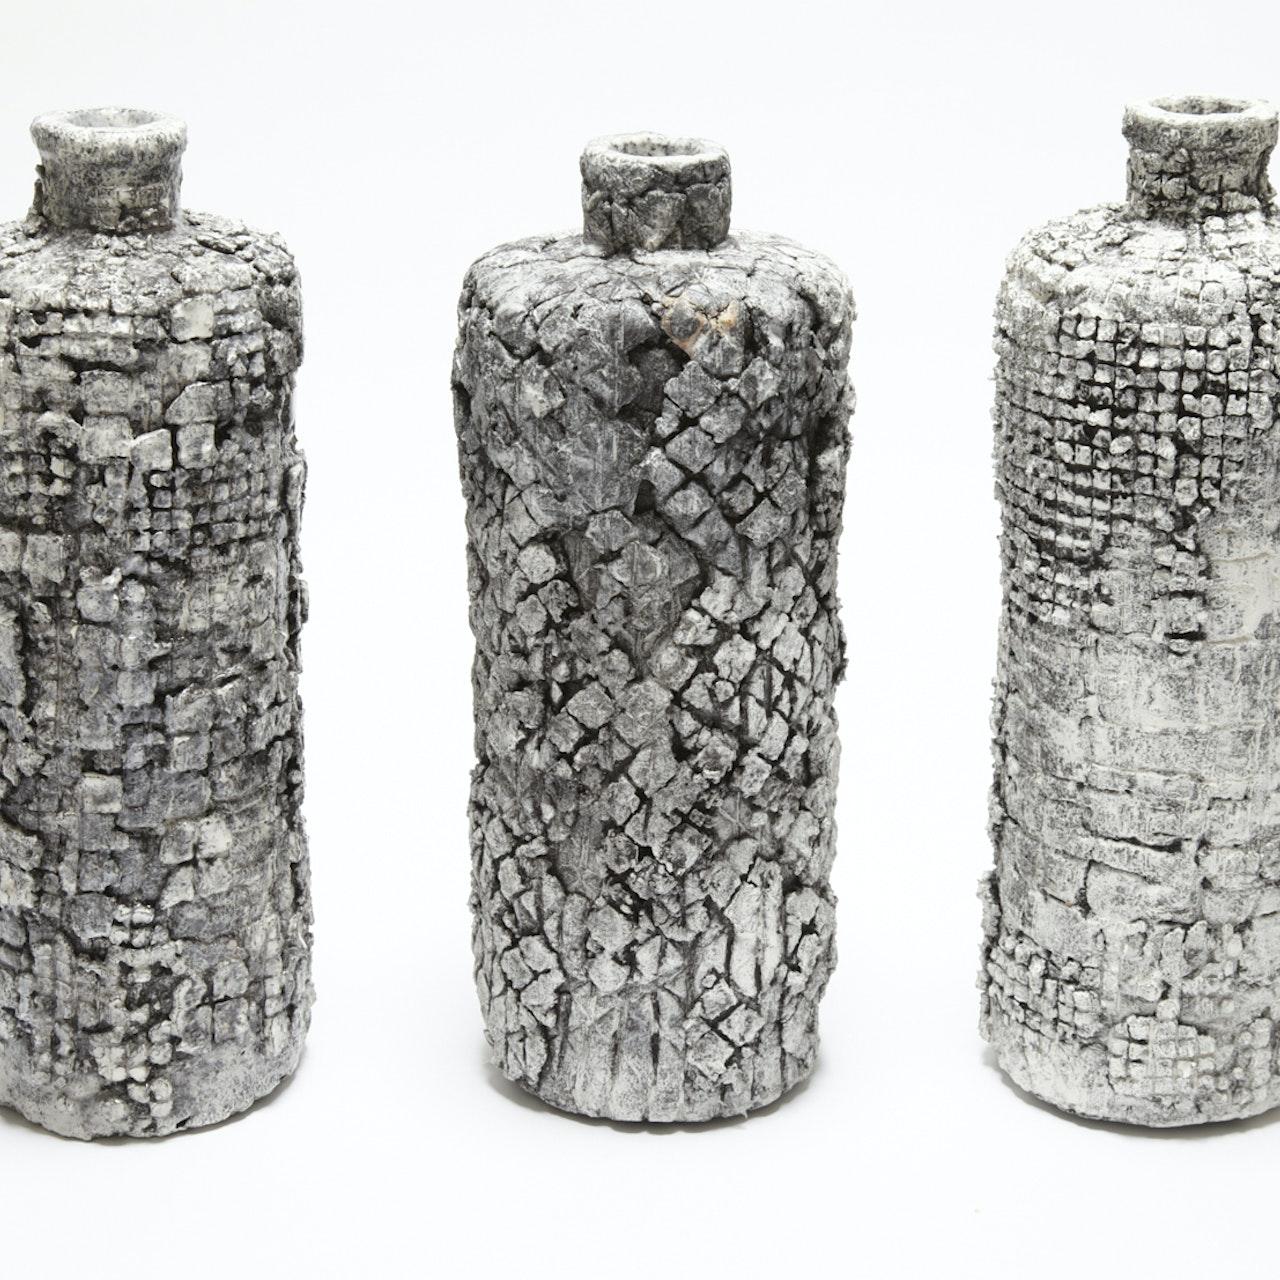 Patchwork Bottles